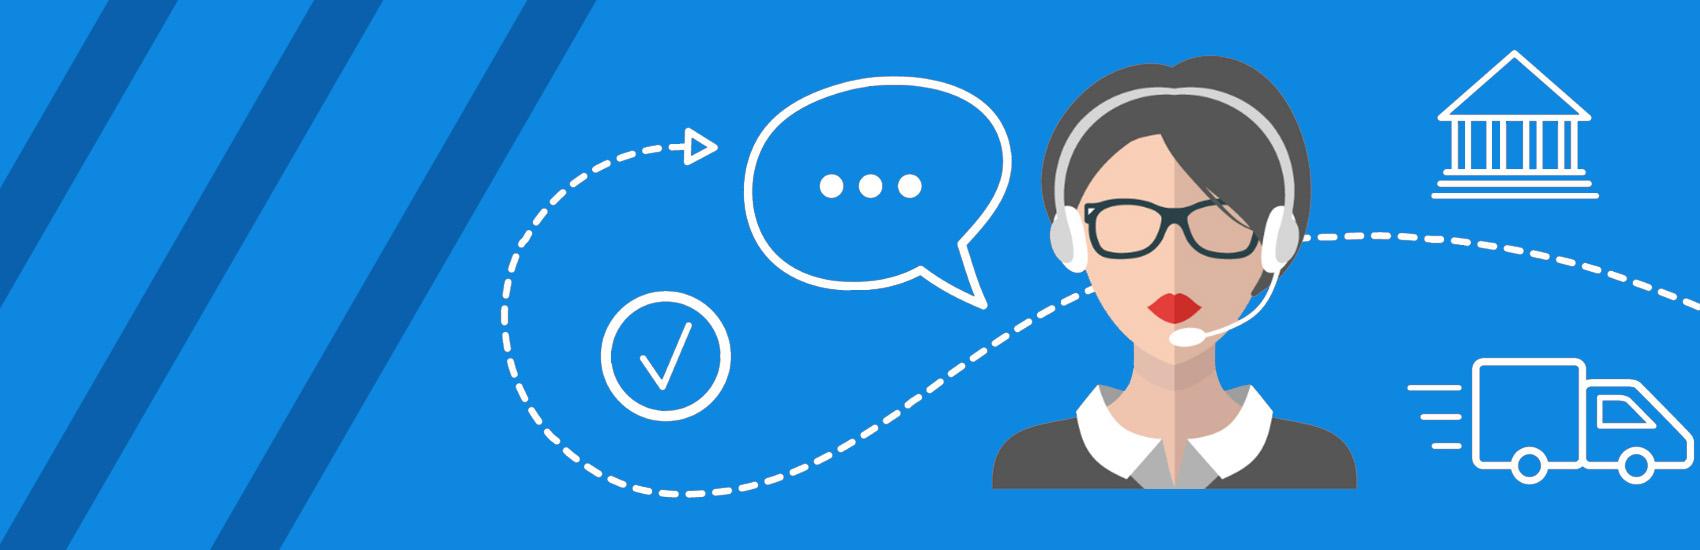 Как неправильно выстроенная коммуникация может привести к потере ключевых клиентов